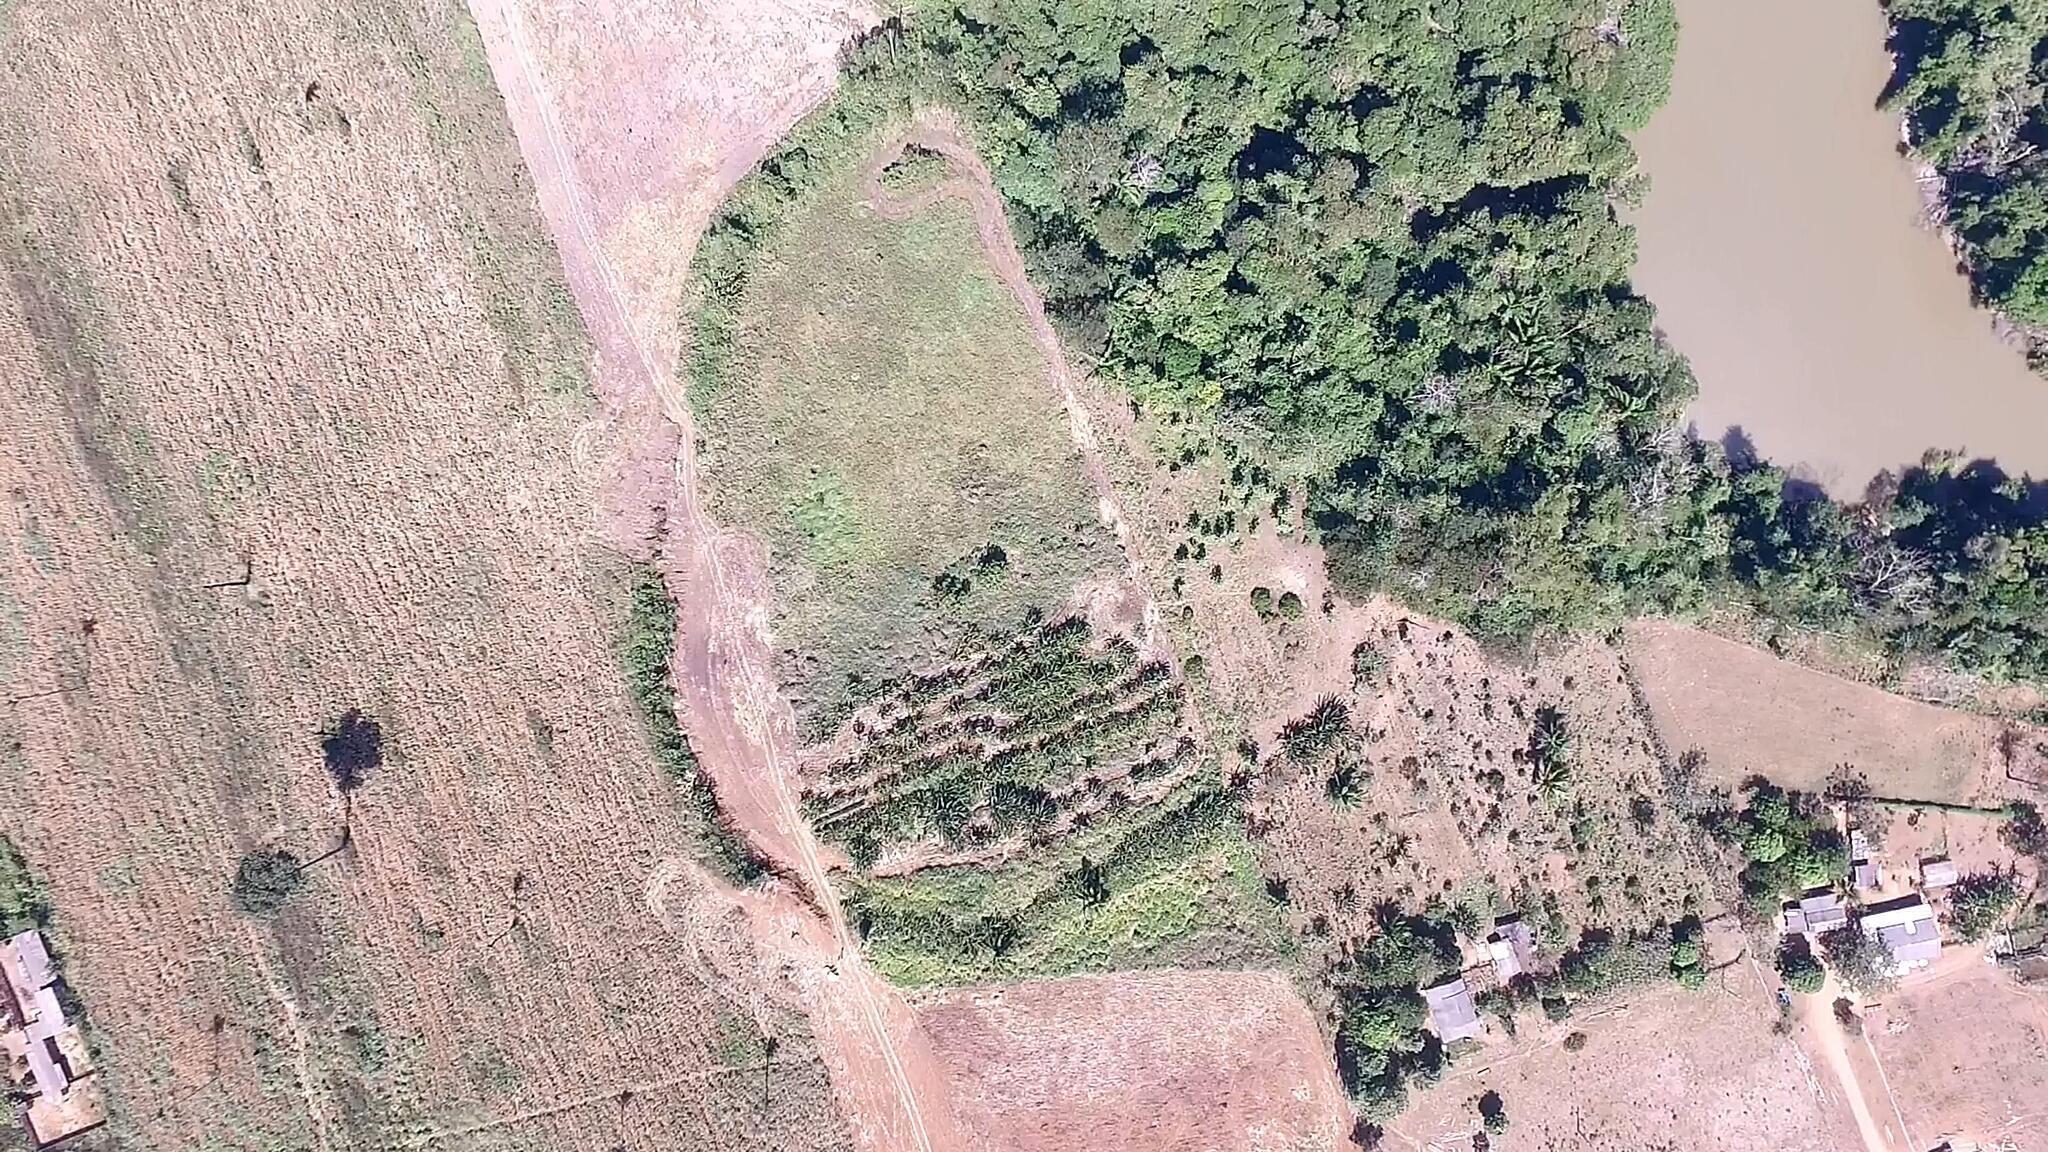 Foto de satélite mostra contornos de aldeia que data de 1450, na Amazônia.